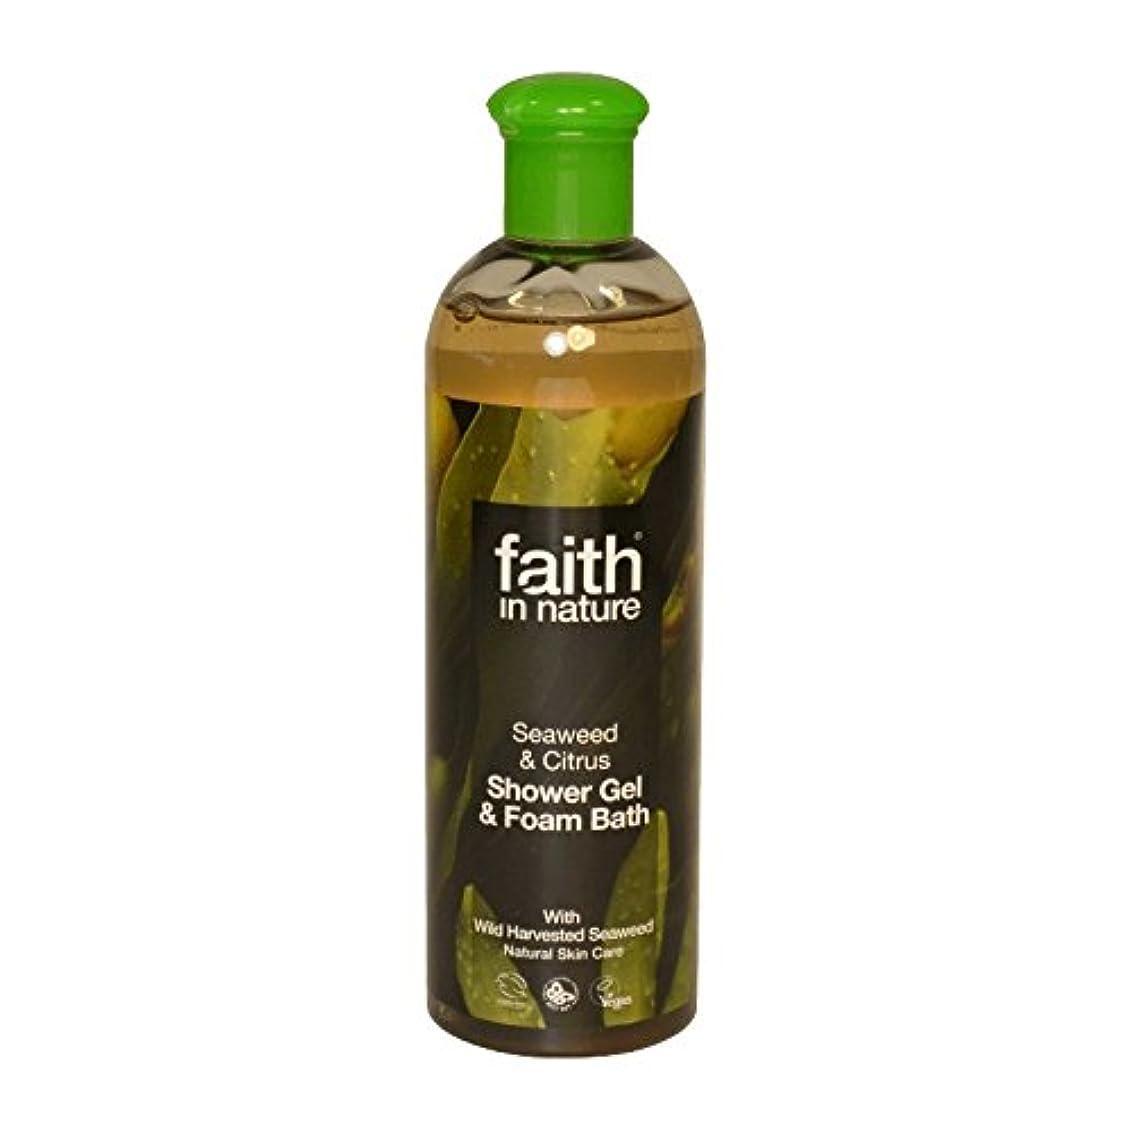 評価悔い改めるサバント自然の海藻&シトラスシャワージェル&バス泡400ミリリットルの信仰 - Faith in Nature Seaweed & Citrus Shower Gel & Bath Foam 400ml (Faith in Nature...